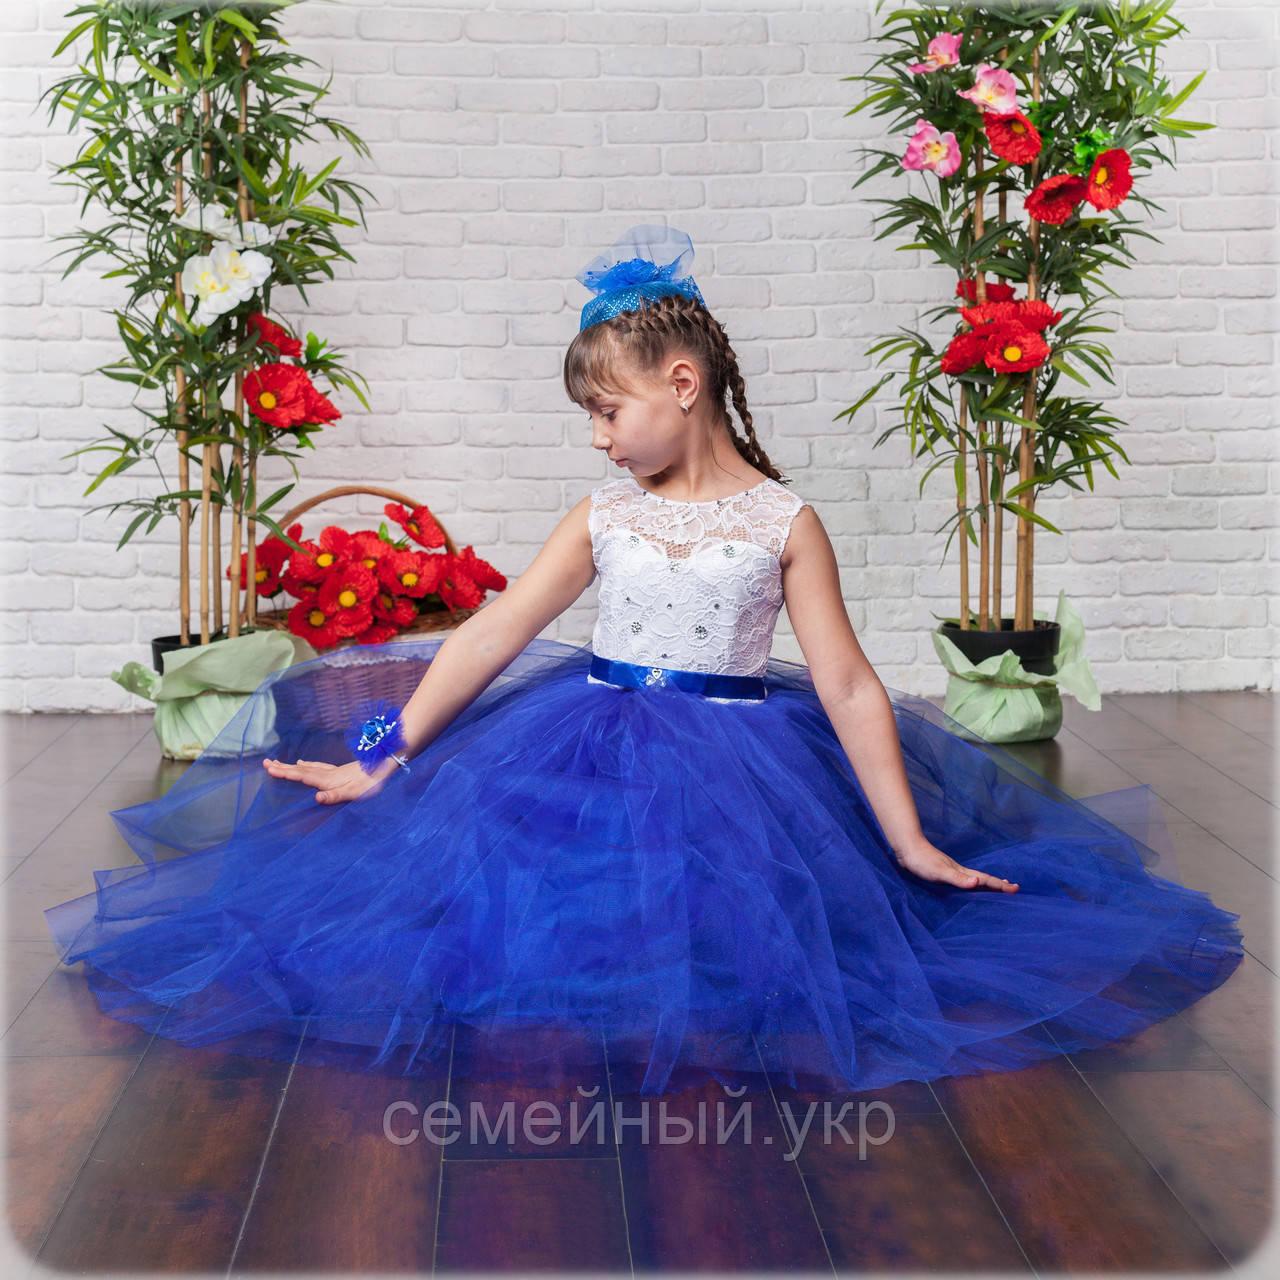 Дитяче бальне плаття в підлогу